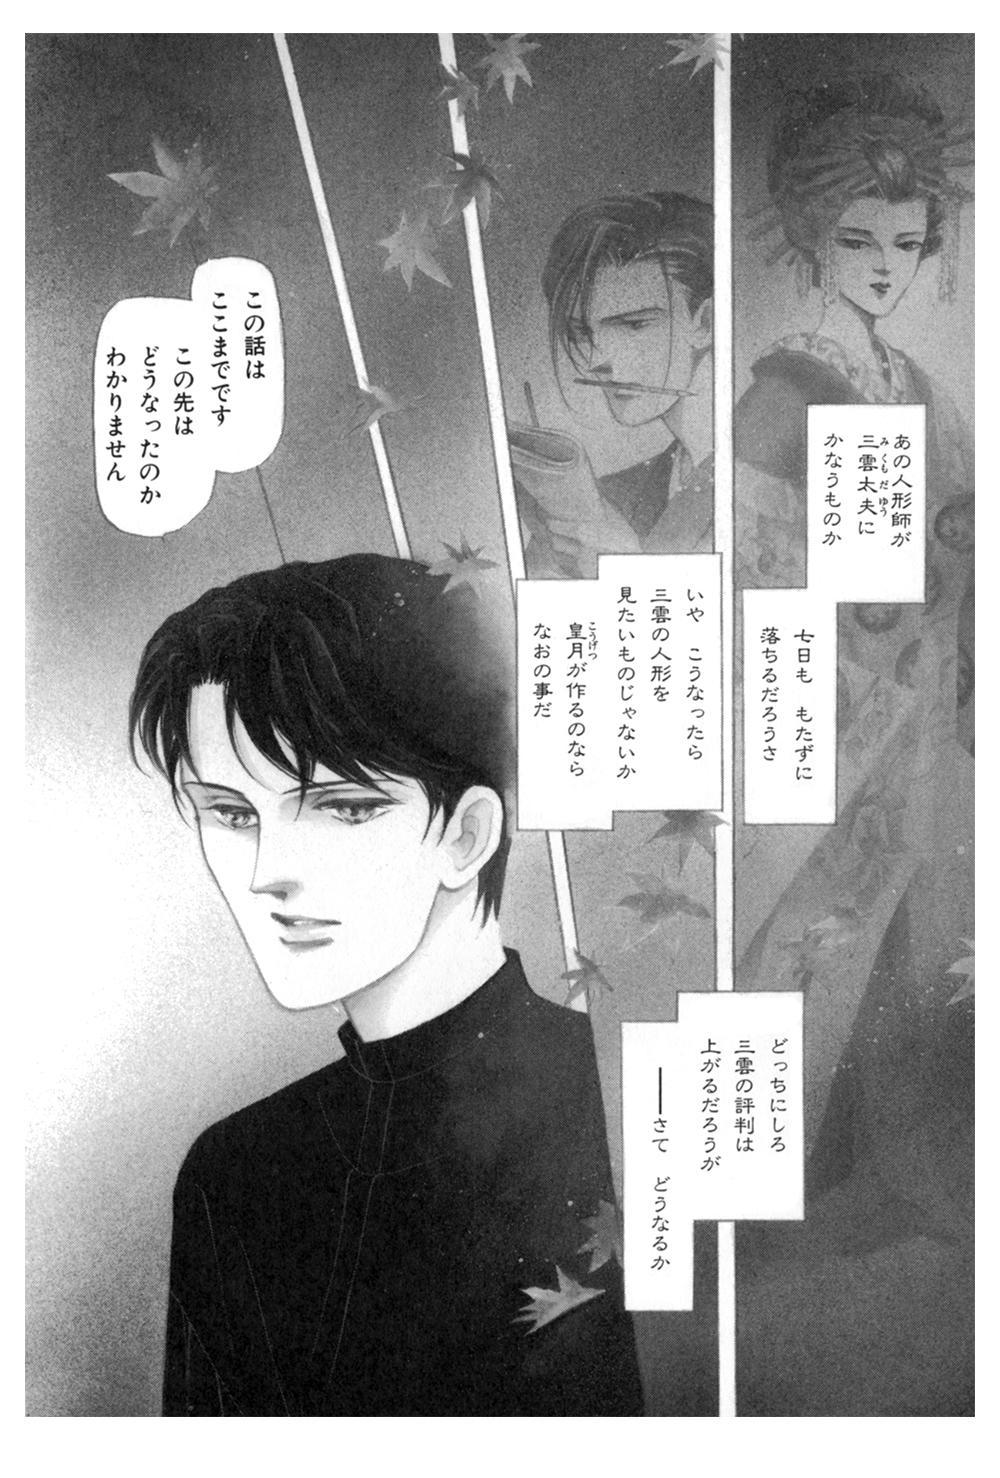 雨柳堂夢咄 第5話「花に暮れる」①uryudo01-120.jpg